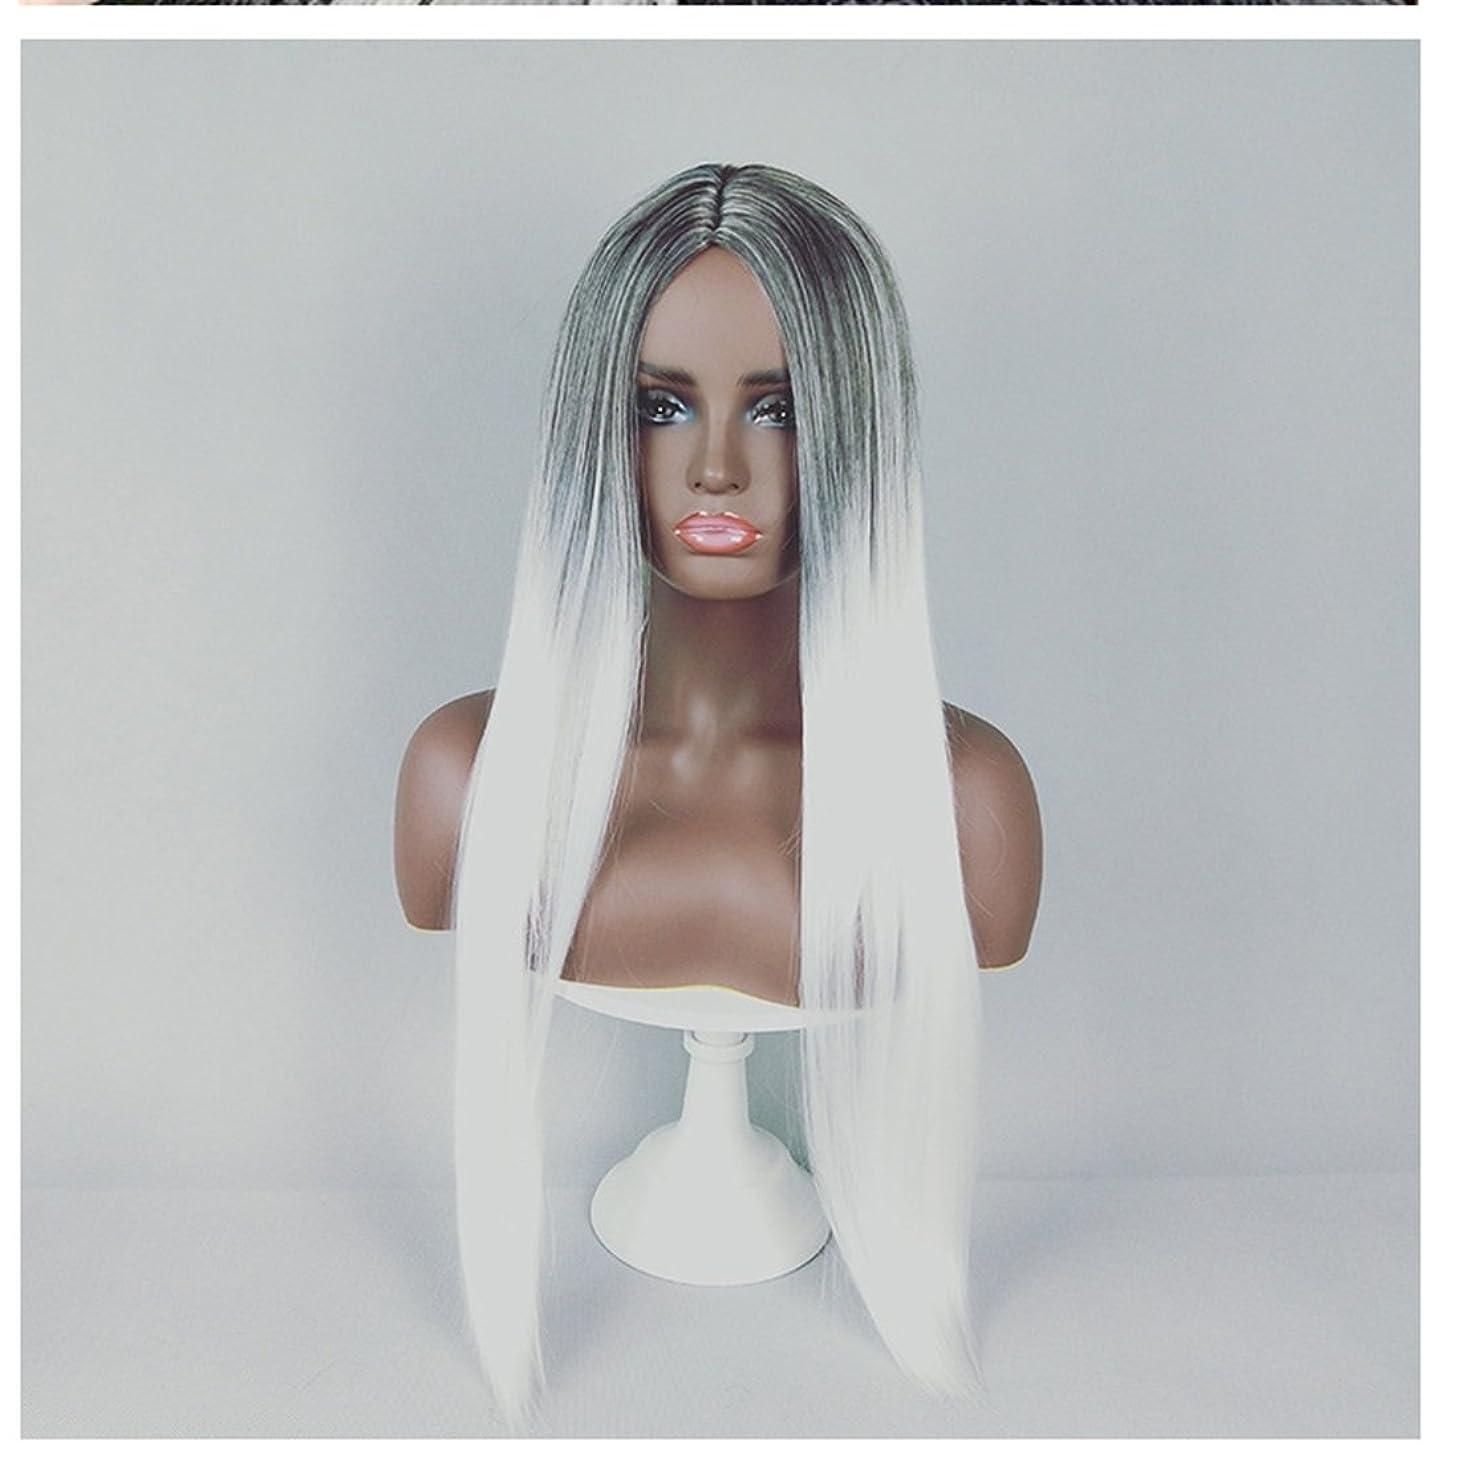 ブッシュファーザーファージュ霊JIANFU 合成 長い ストレート ヘア カラー グラデーション フル ウィッグ女性 ロングバンズ 耐熱 コスプレ/パーティー (Color : Black Gradient Pure White)